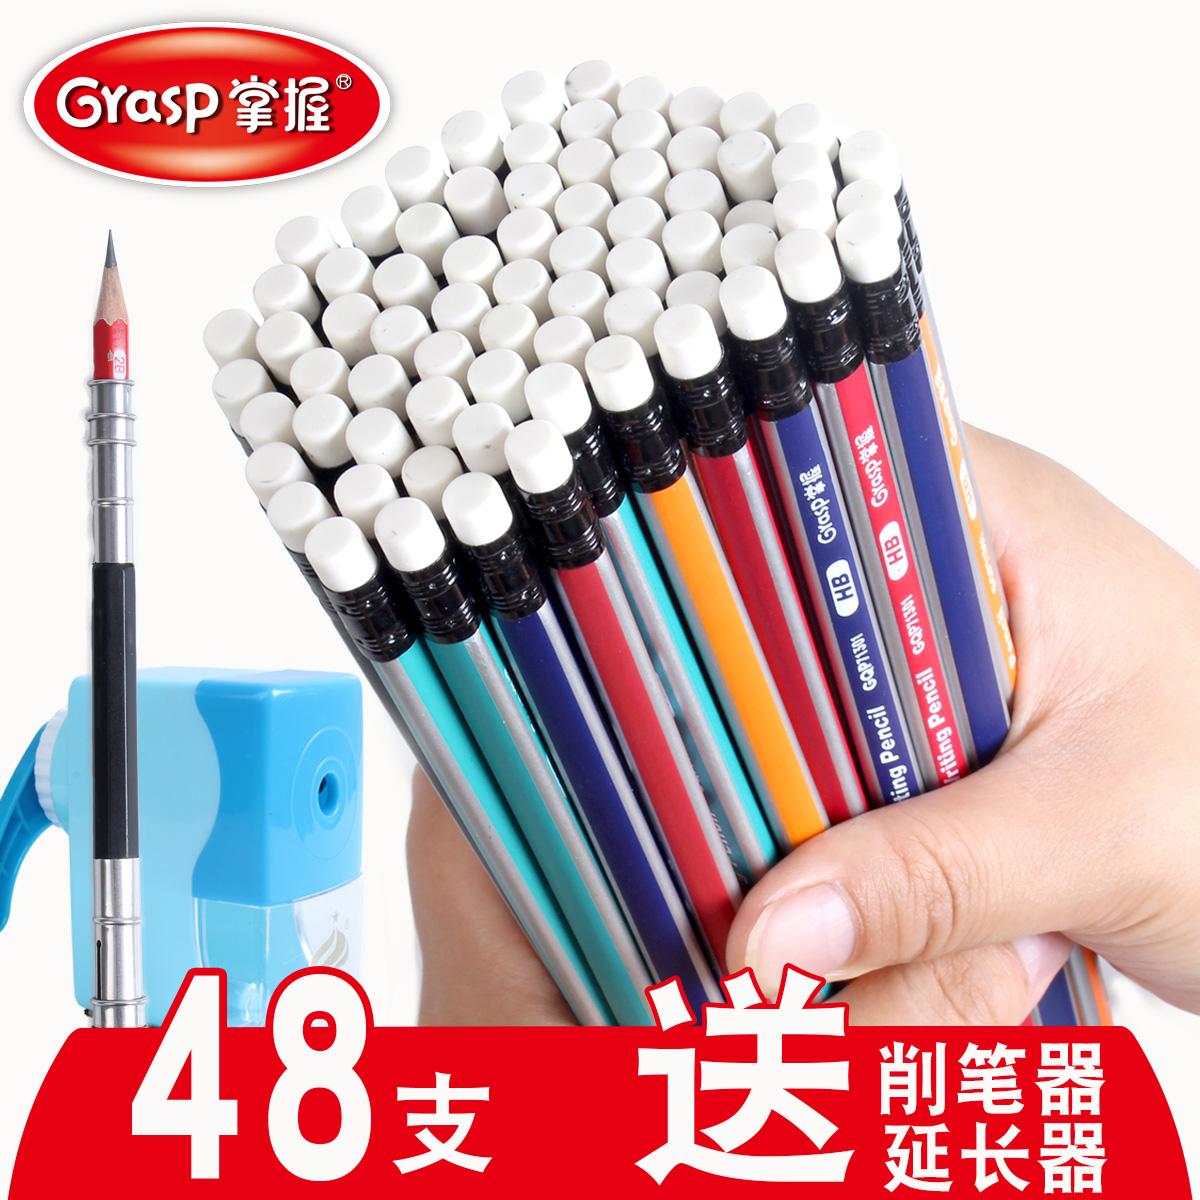 掌握铅笔小学生无毒一年级hb带橡皮擦头无铅幼儿园儿童初学写字三角杆 2b考试用套装2比文具用品批发